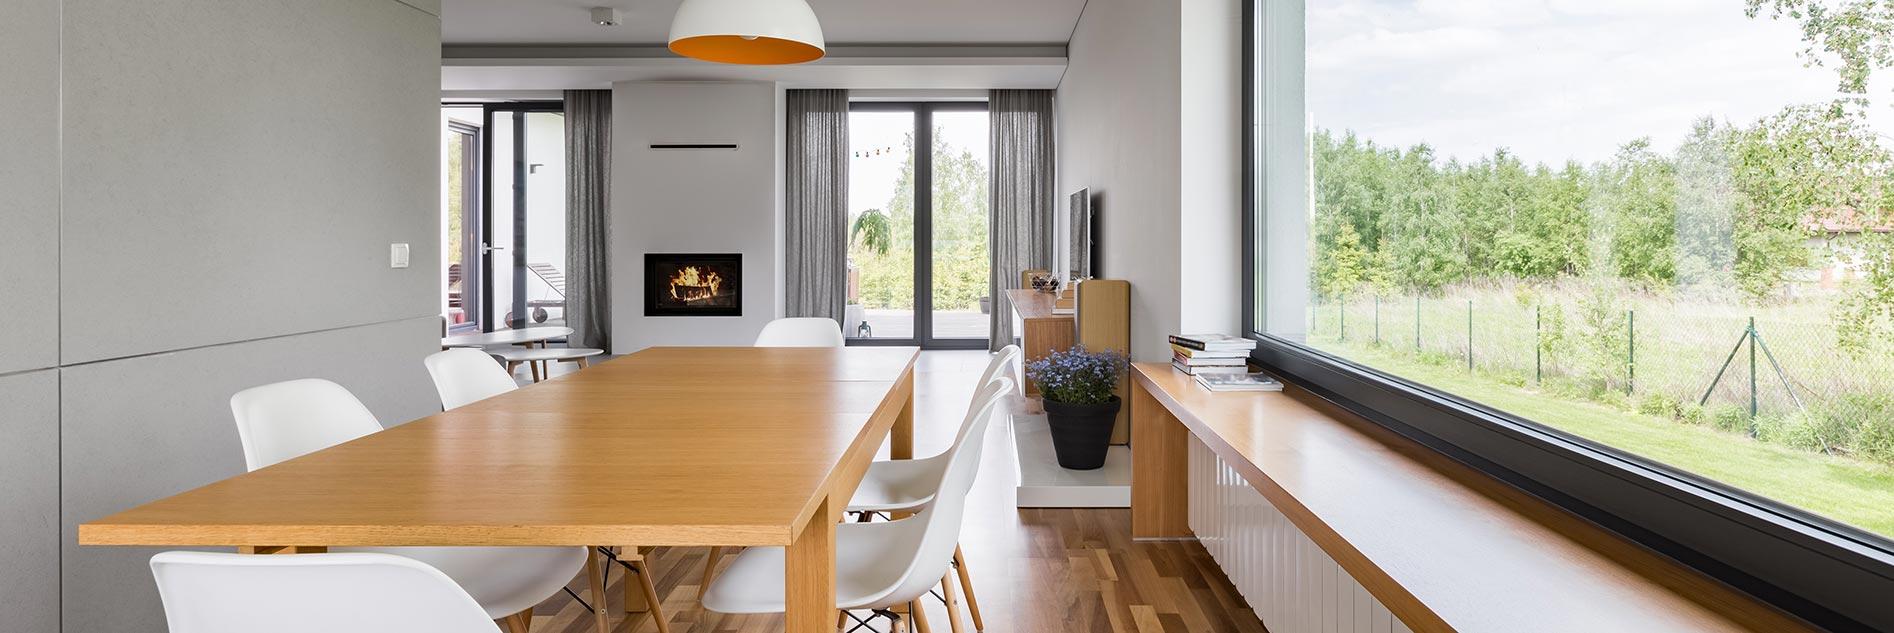 Grosse Fenster Viel Licht Helle Raume Deutsche Fensterbau